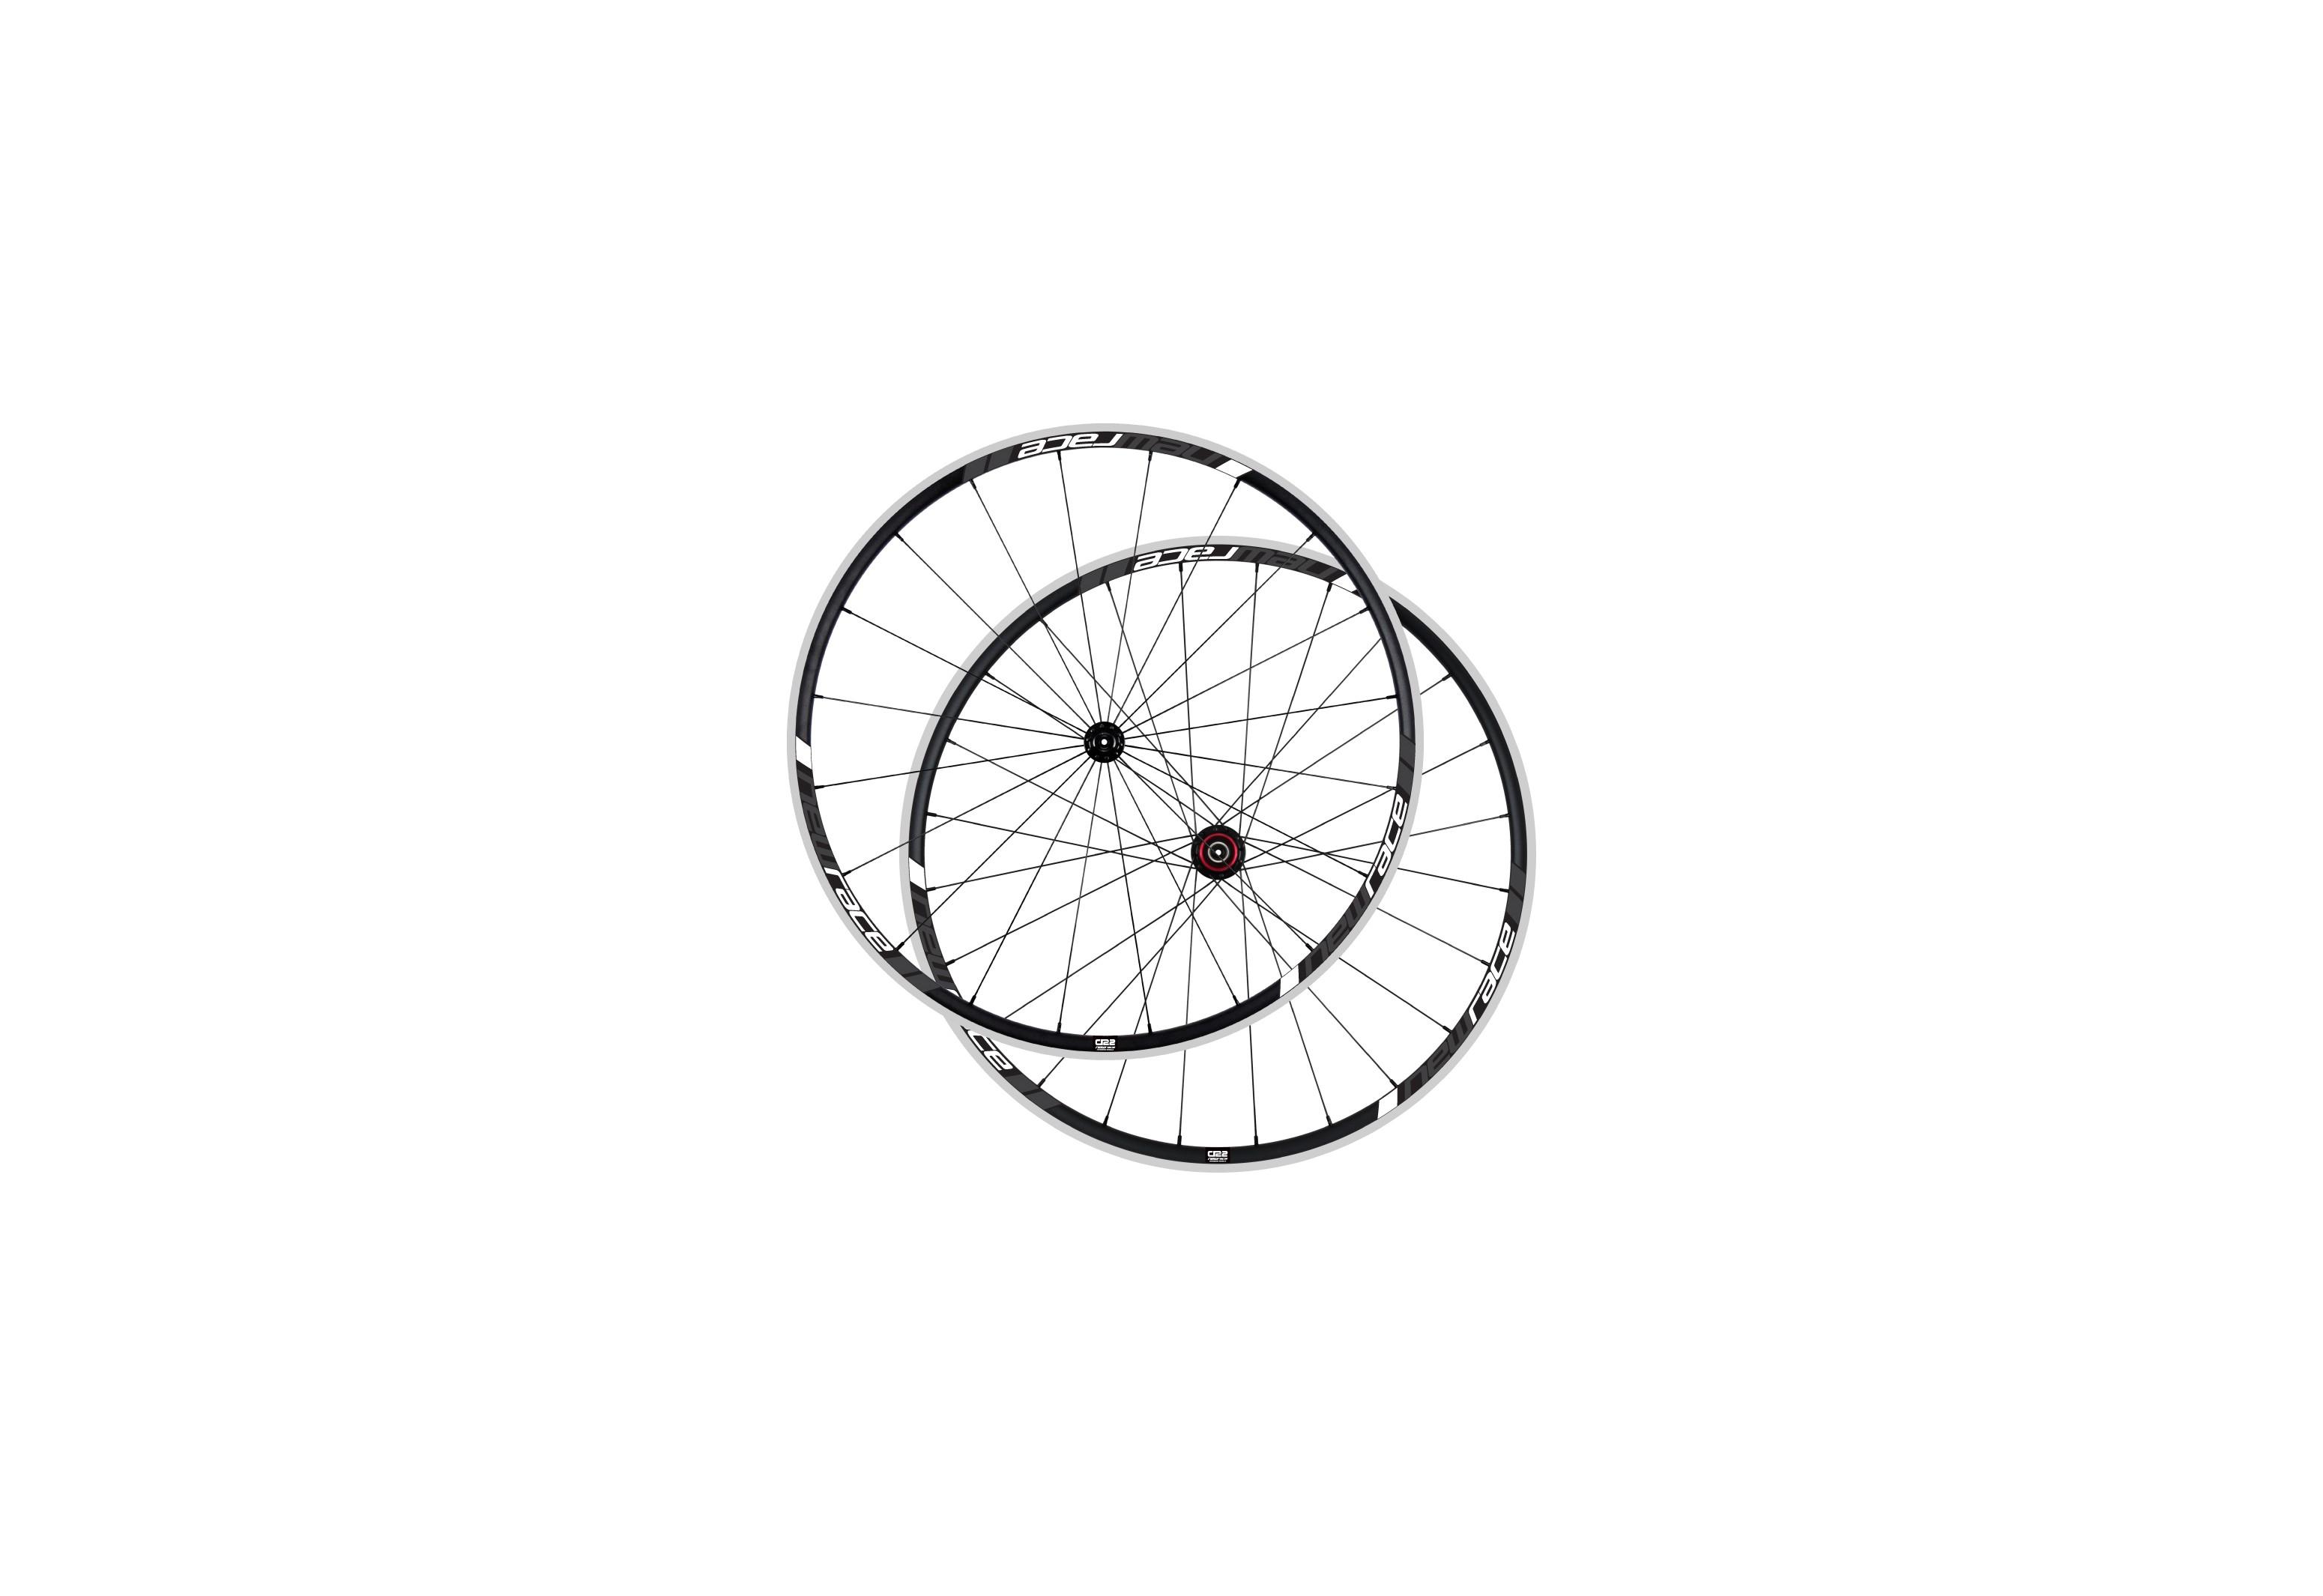 Paire de roue New Race Endurance Road Comp 28